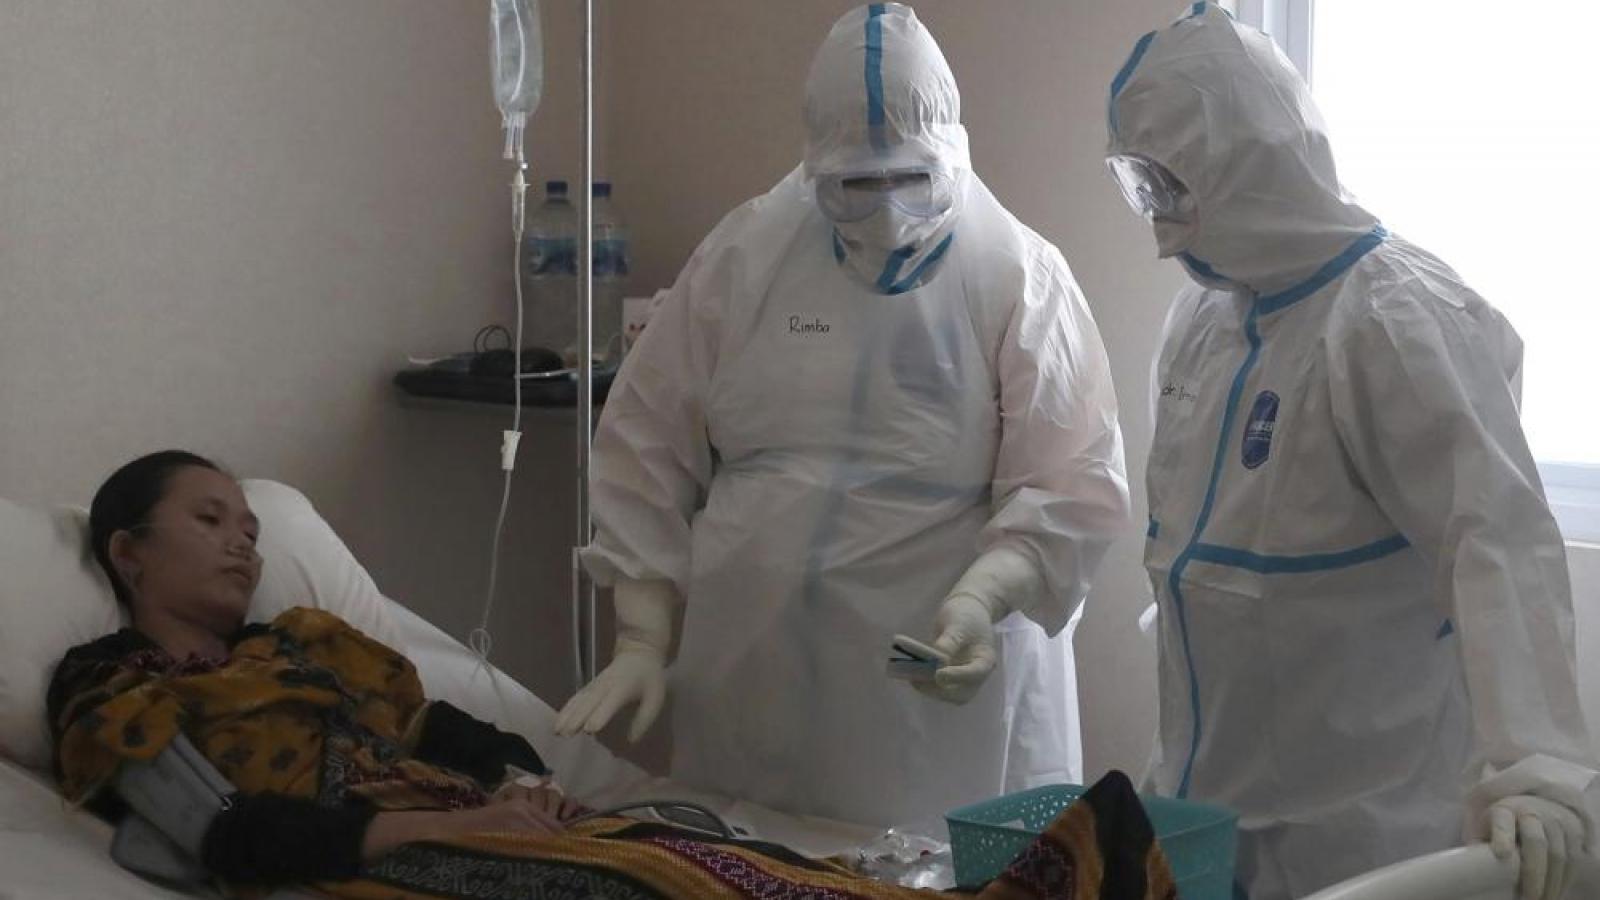 Mắc Covid-19 hai lần, bác sĩ Indonesia vẫn căng mình điều trị cho bệnh nhân